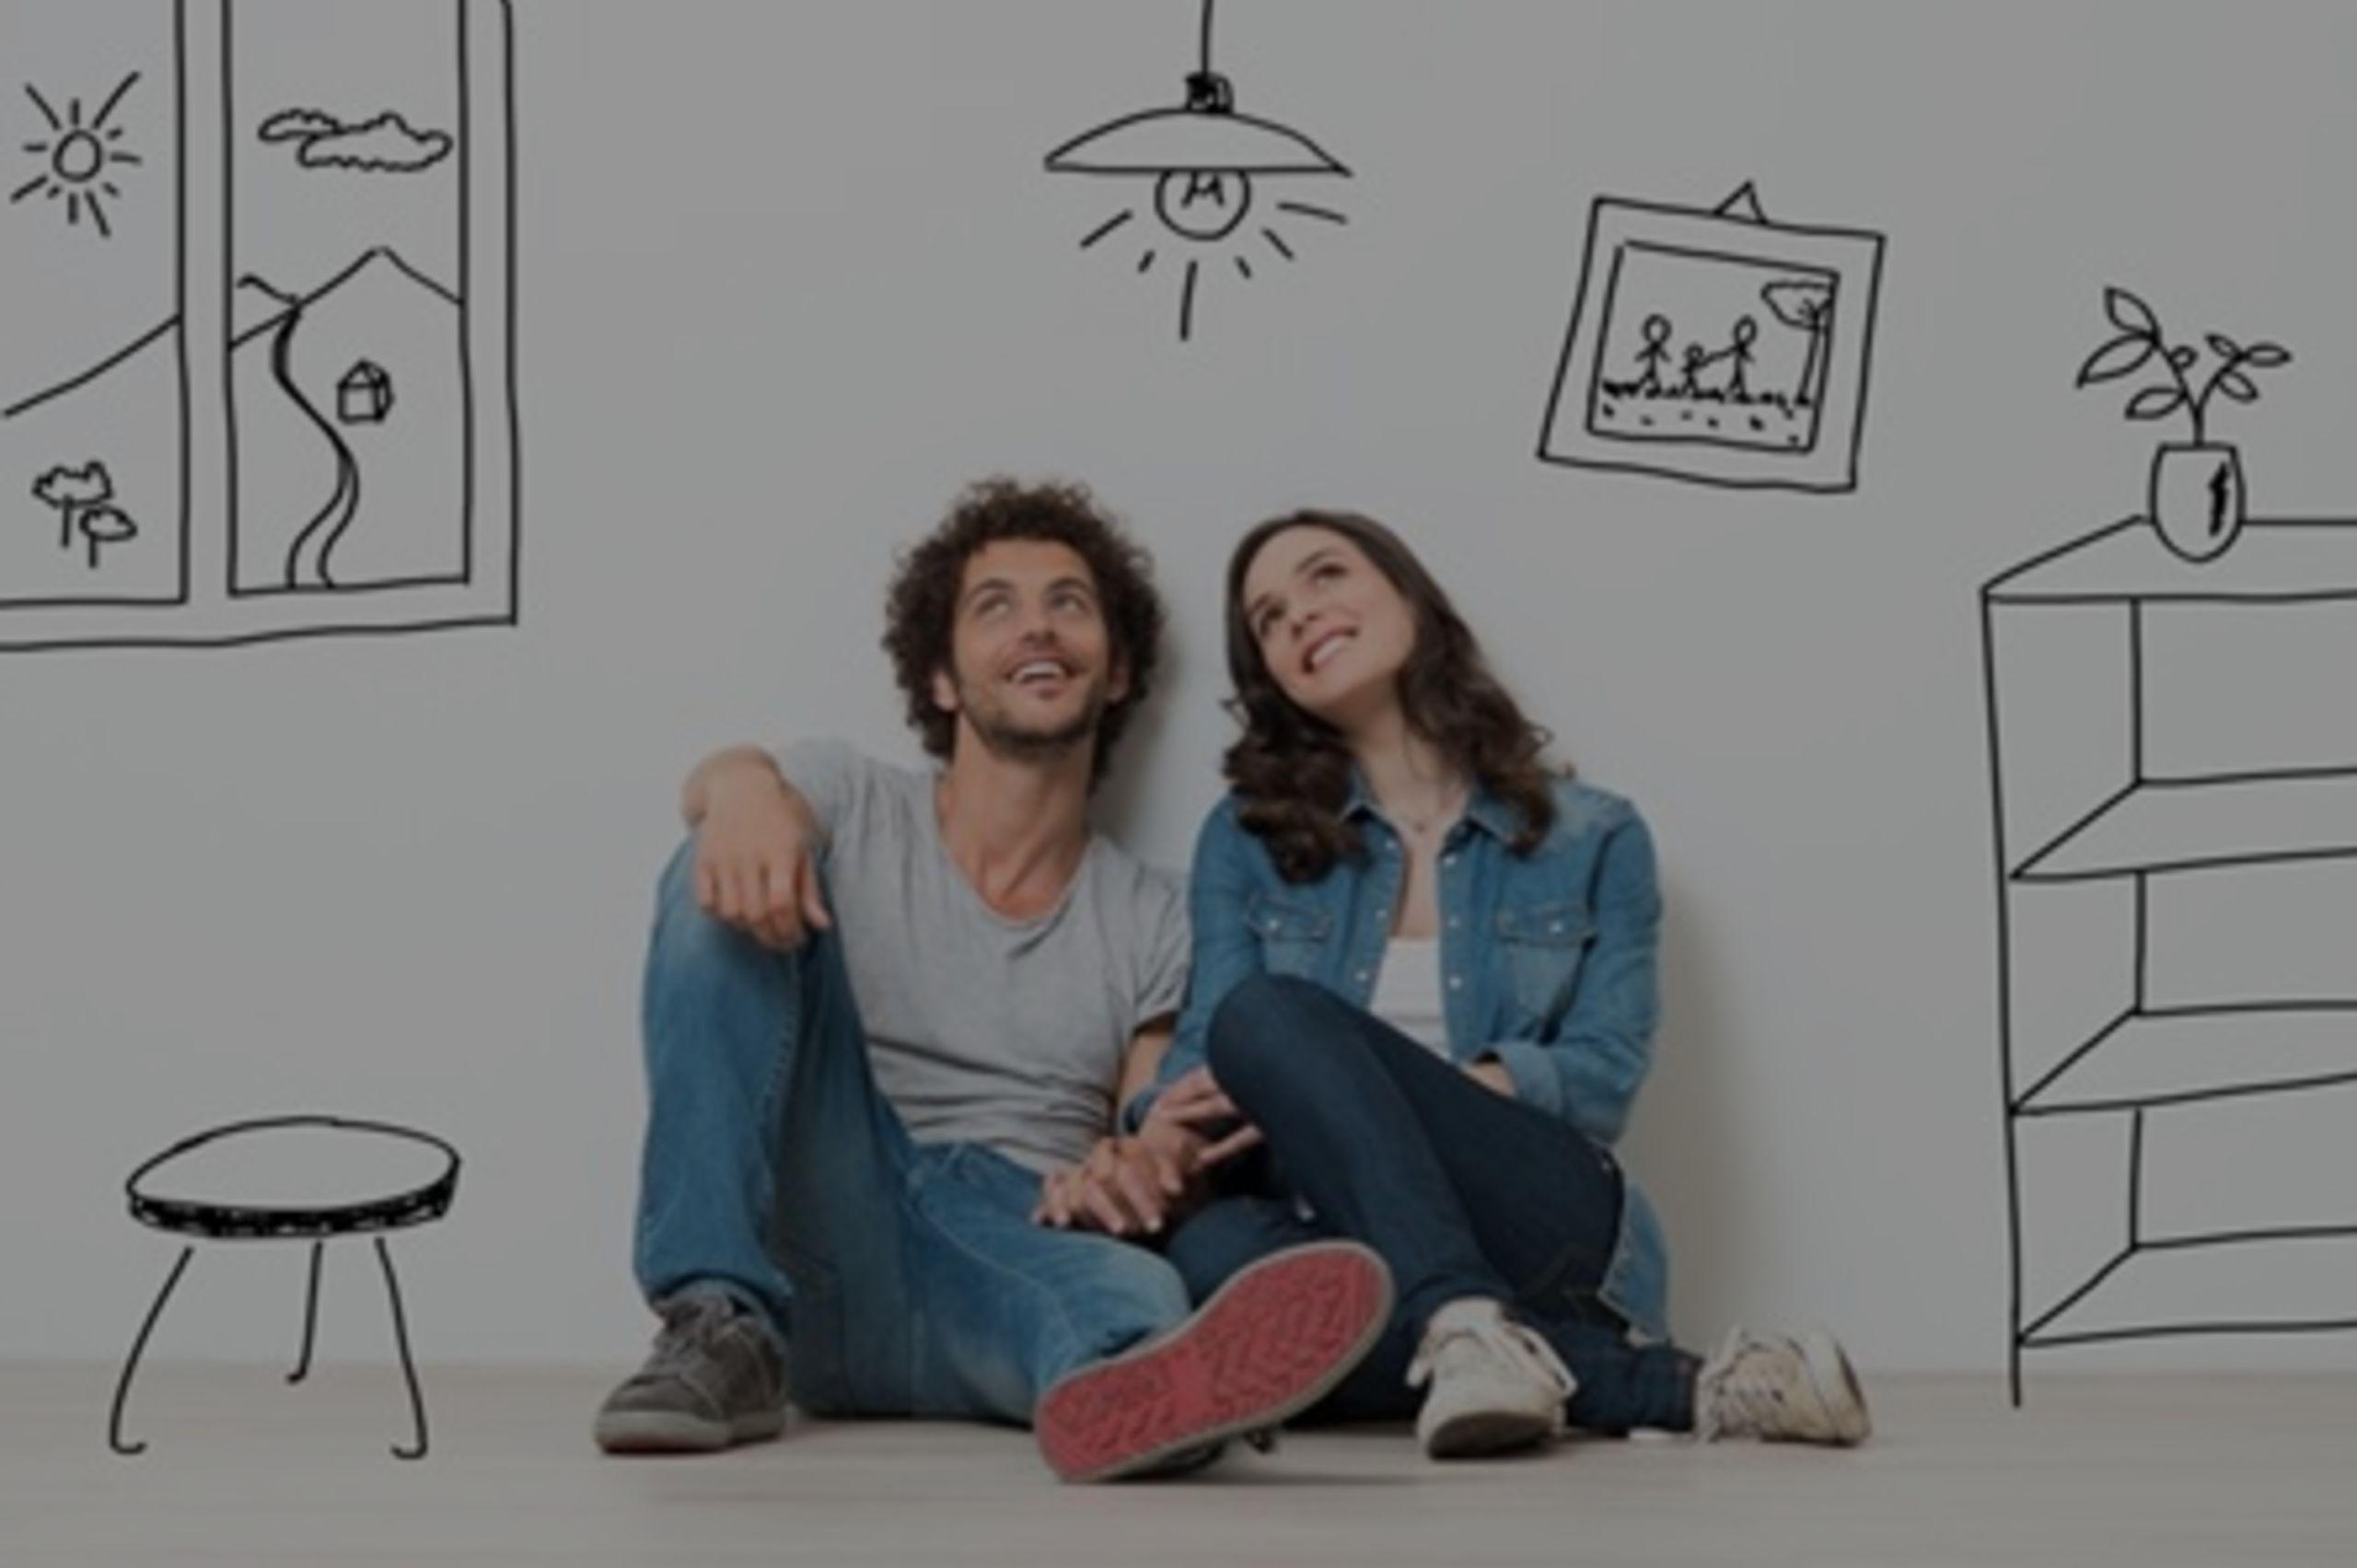 Millennials: Living the American Dream?